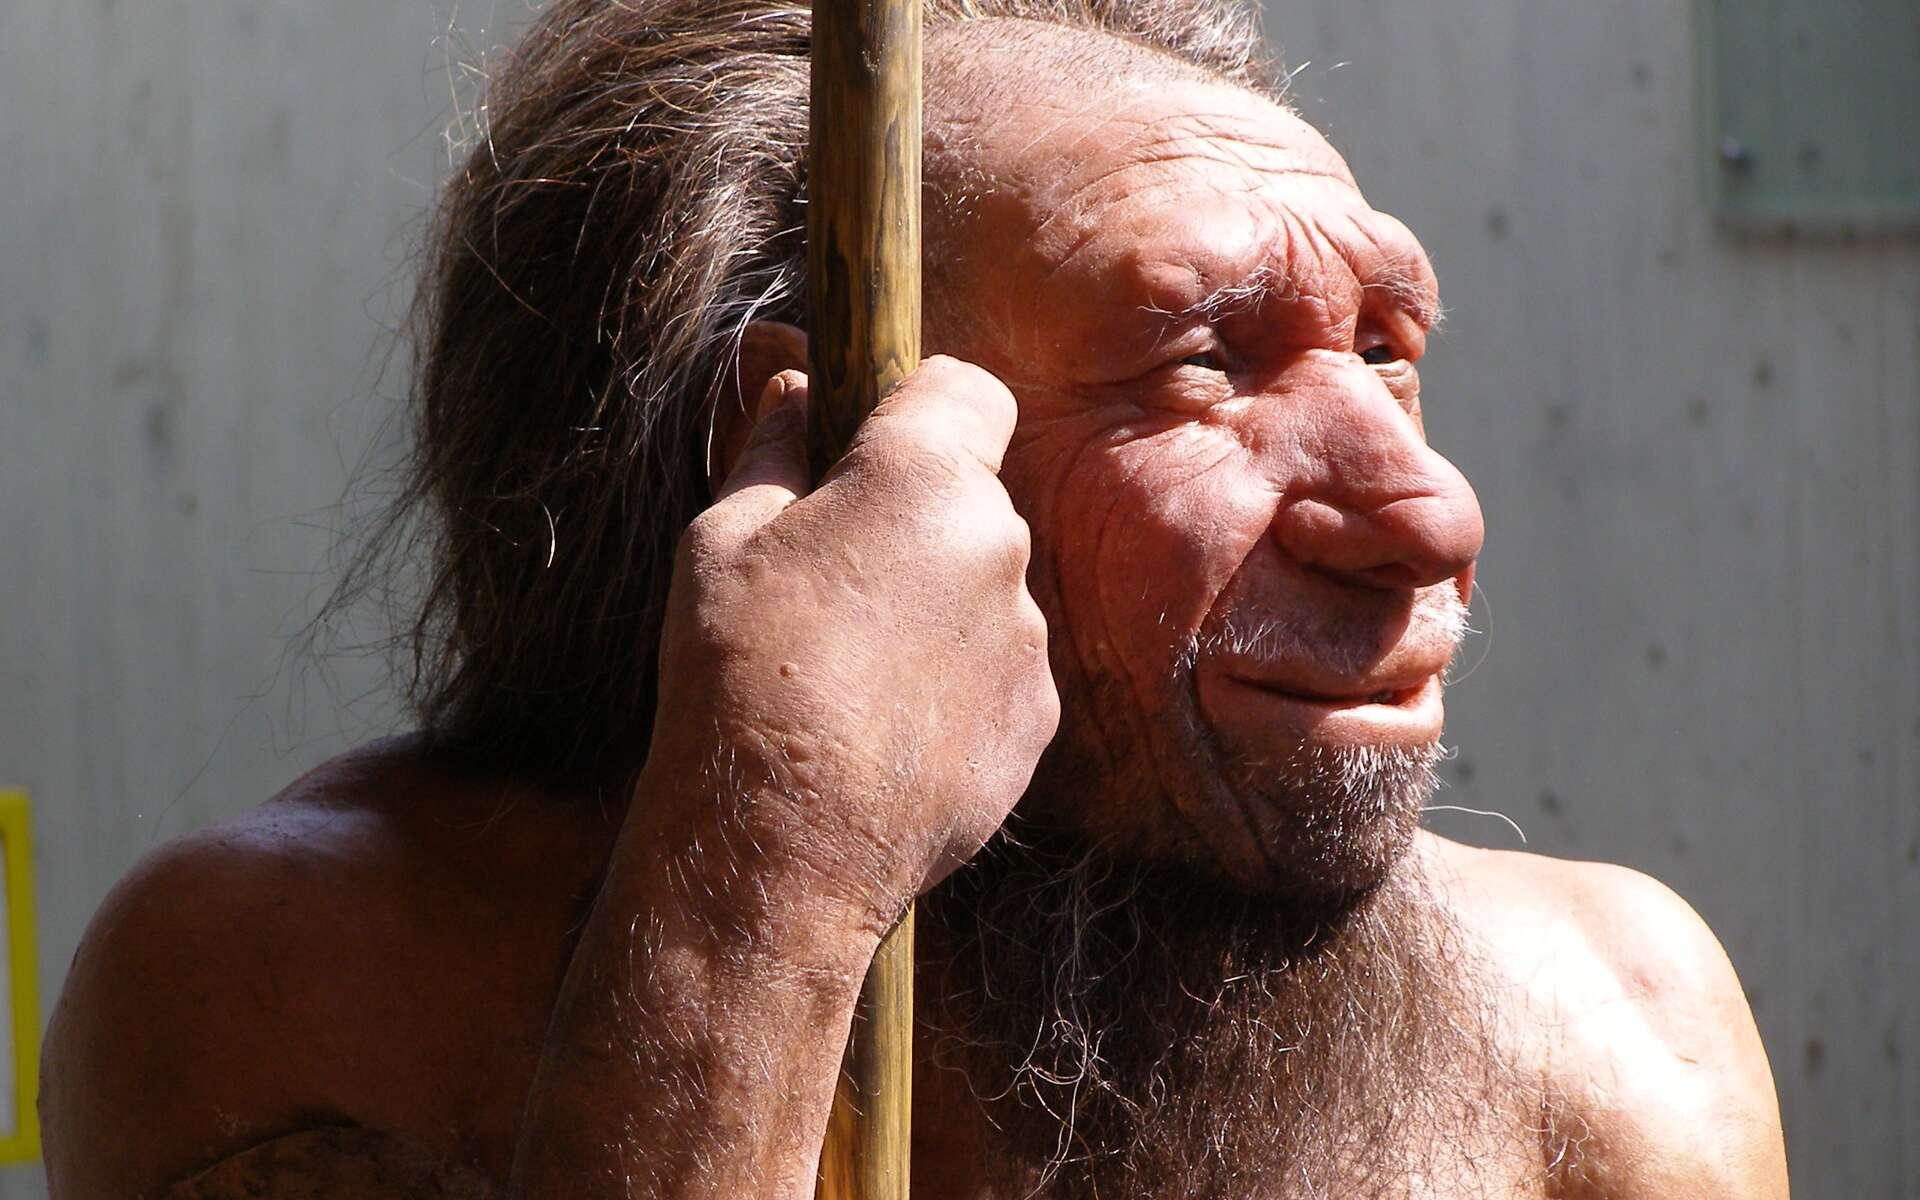 « Les Néandertaliens avaient vécu en Europe et dans l'ouest de l'Asie pendant 200.000 ans avant l'arrivée des humains modernes. Ils étaient probablement bien adaptés au climat, à l'alimentation et aux pathogènes et en s'accouplant avec eux, nous humains modernes avons hérité de ces adaptations avantageuses » explique Janet Kelso qui a signé une des deux études sur ce sujet. © Erich Ferdinand, Flickr, CC BY 2.0